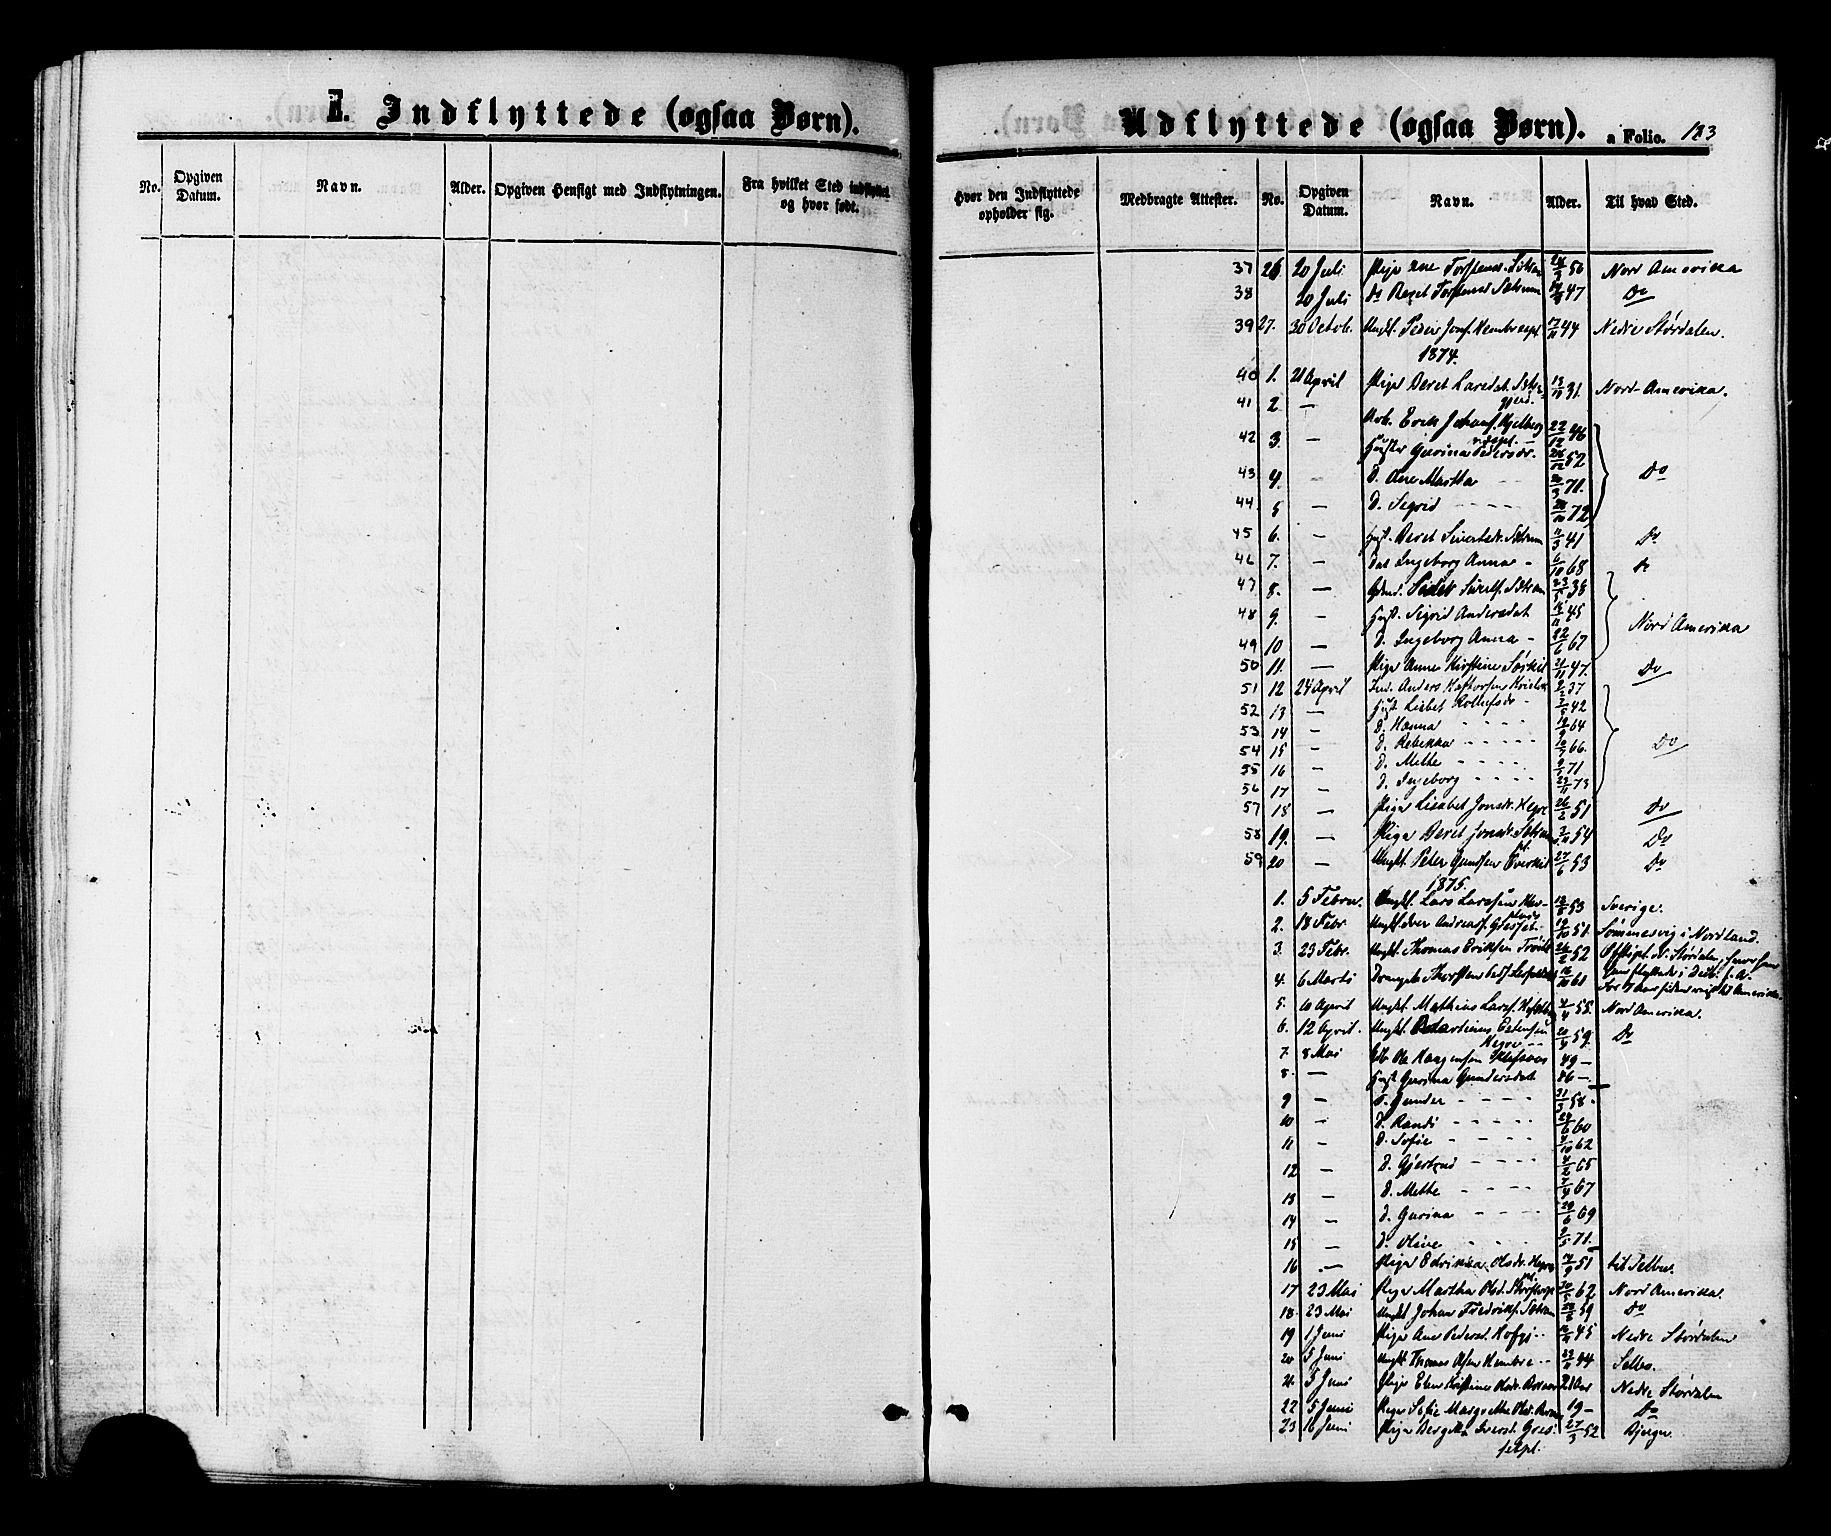 SAT, Ministerialprotokoller, klokkerbøker og fødselsregistre - Nord-Trøndelag, 703/L0029: Ministerialbok nr. 703A02, 1863-1879, s. 183